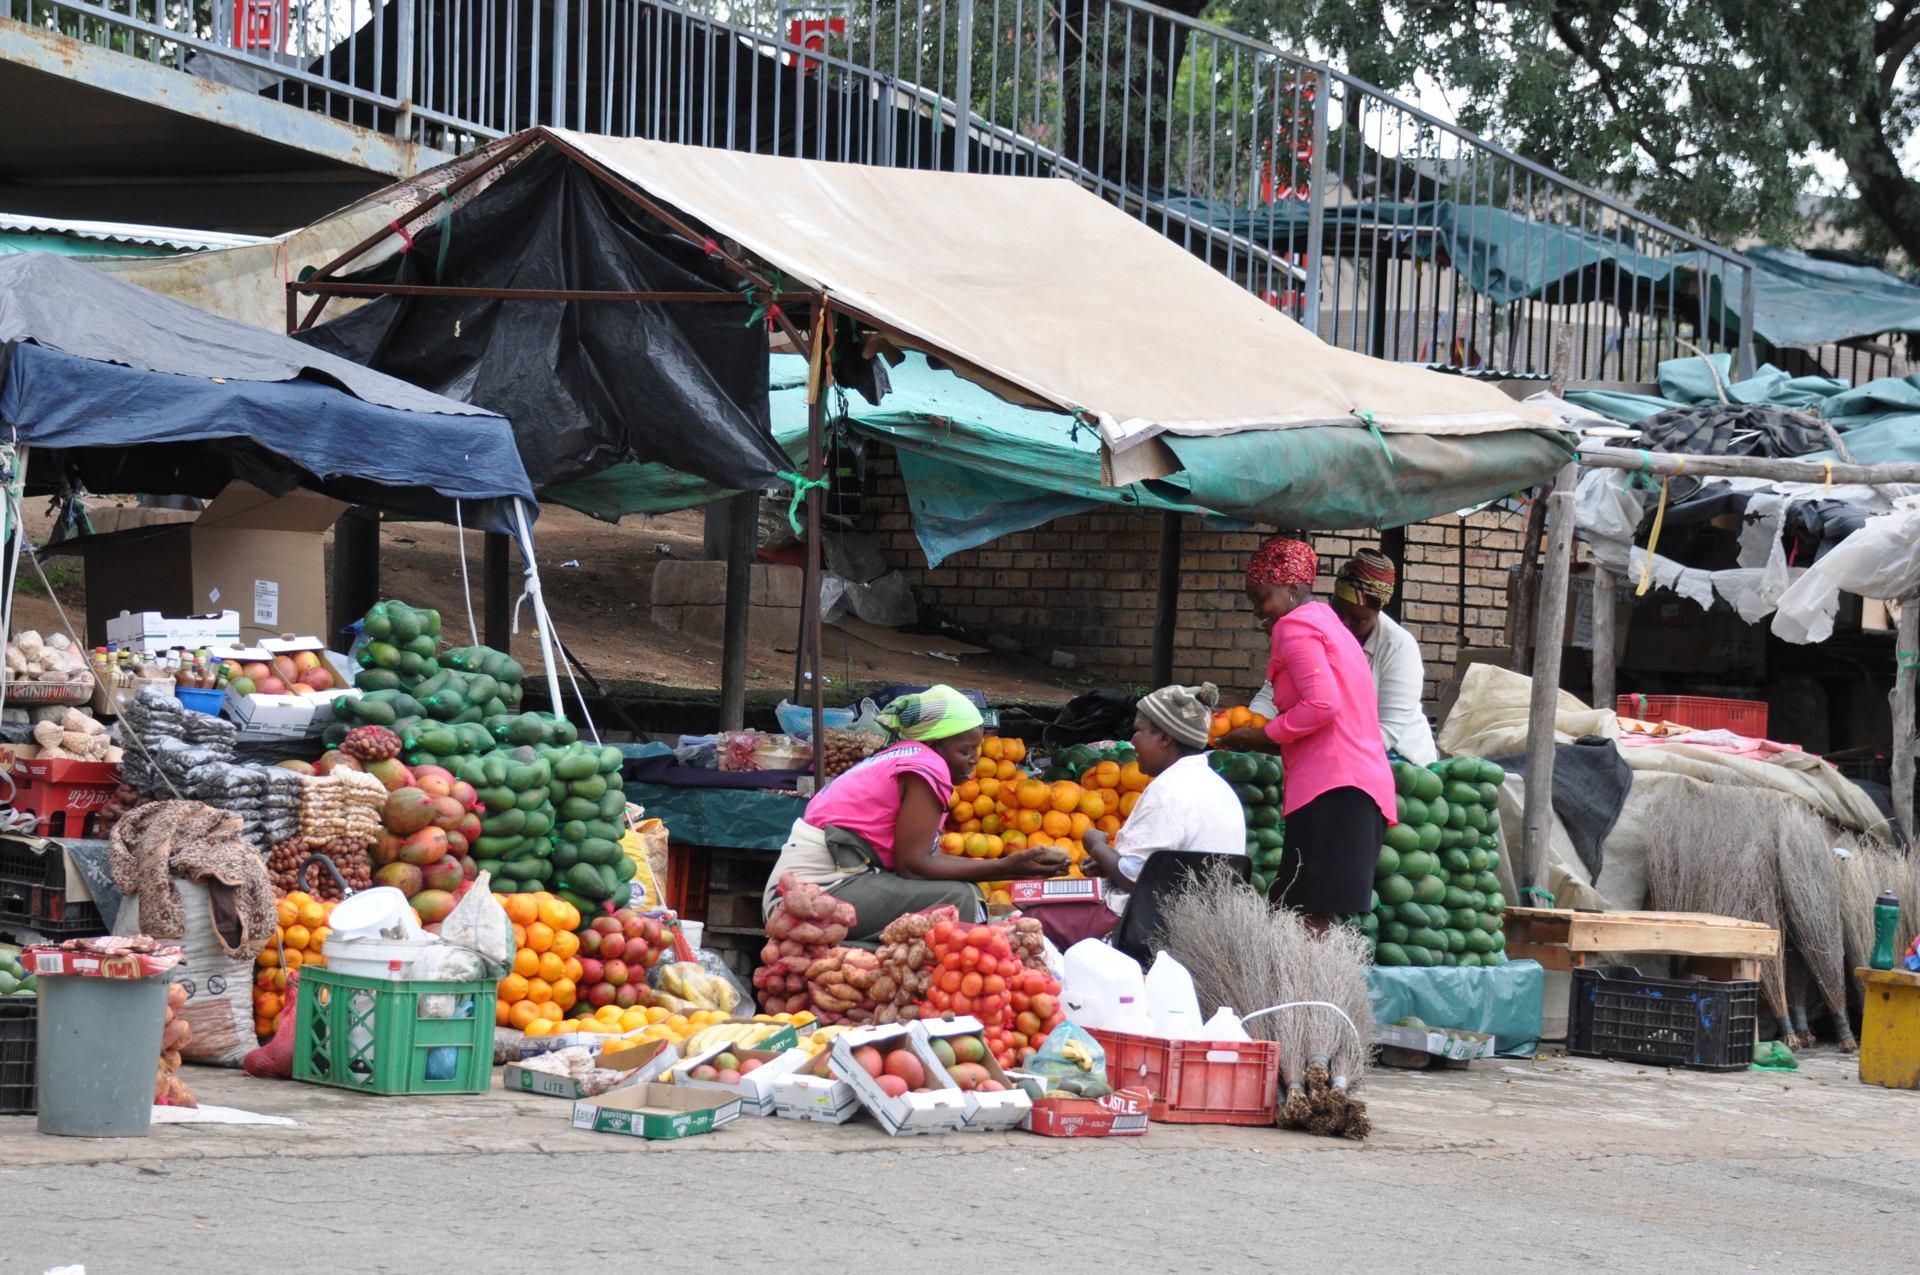 Marché coloré à Johannesburg